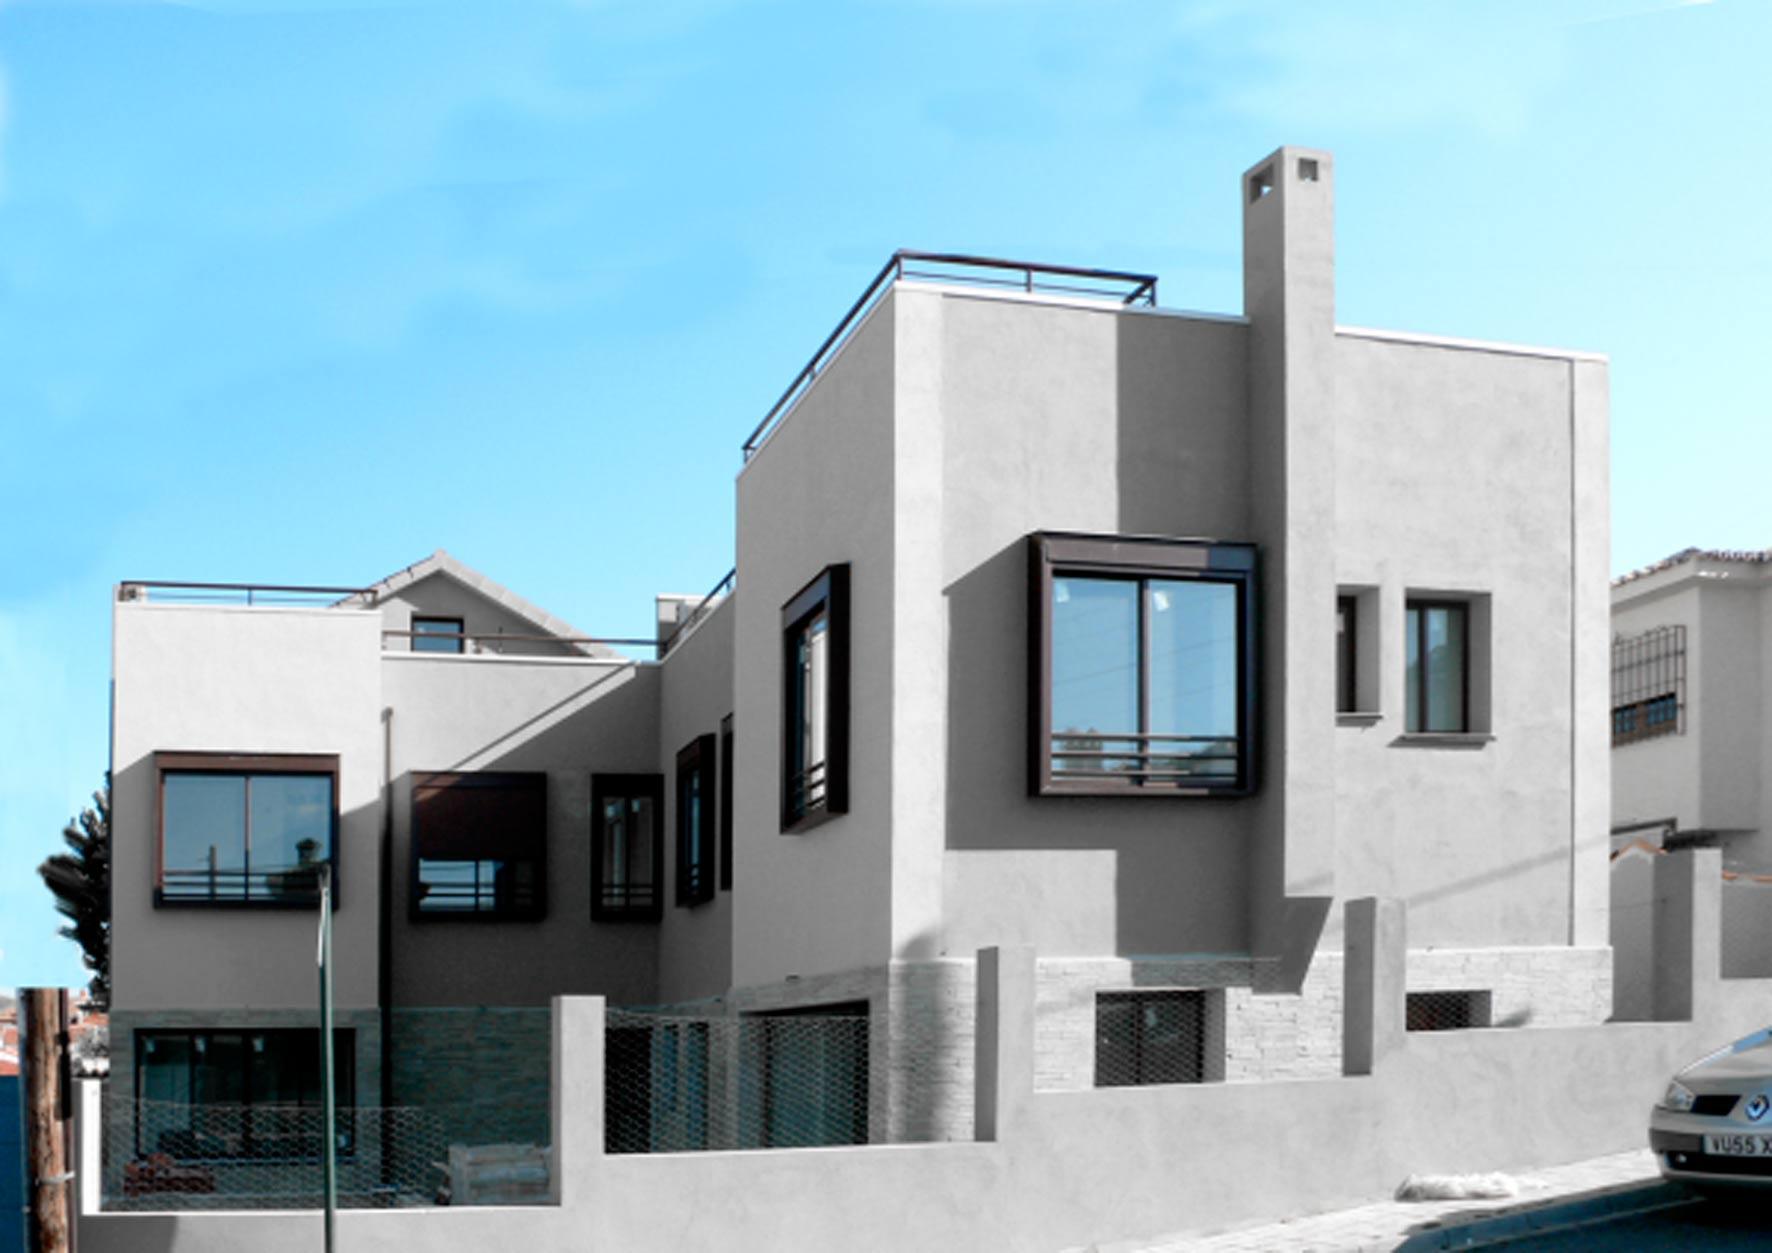 Arquitectos de casas en Malaga